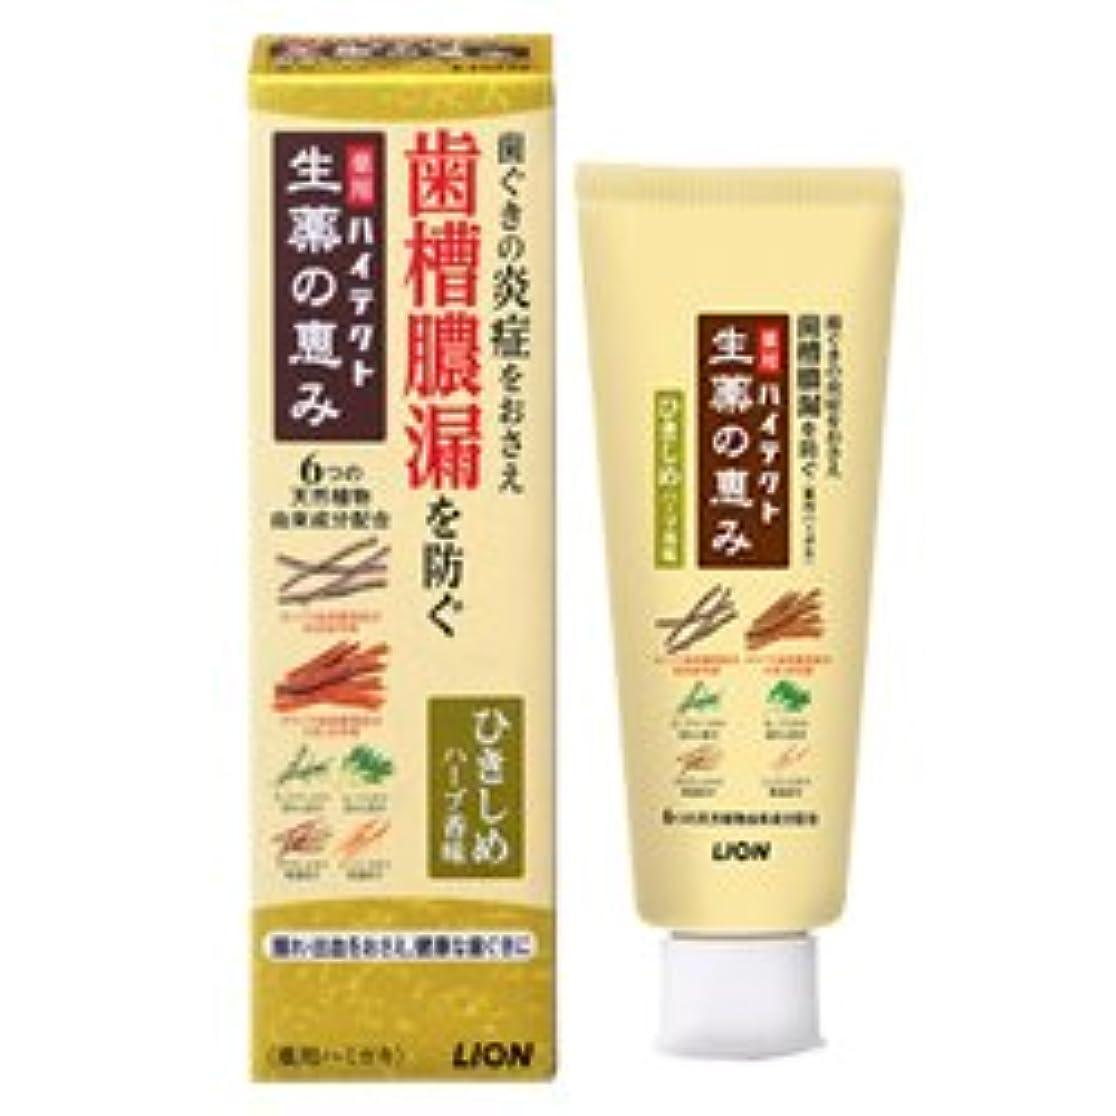 大腿ルール法的【ライオン】ハイテクト 生薬の恵み ひきしめハーブ香味90g×5個セット